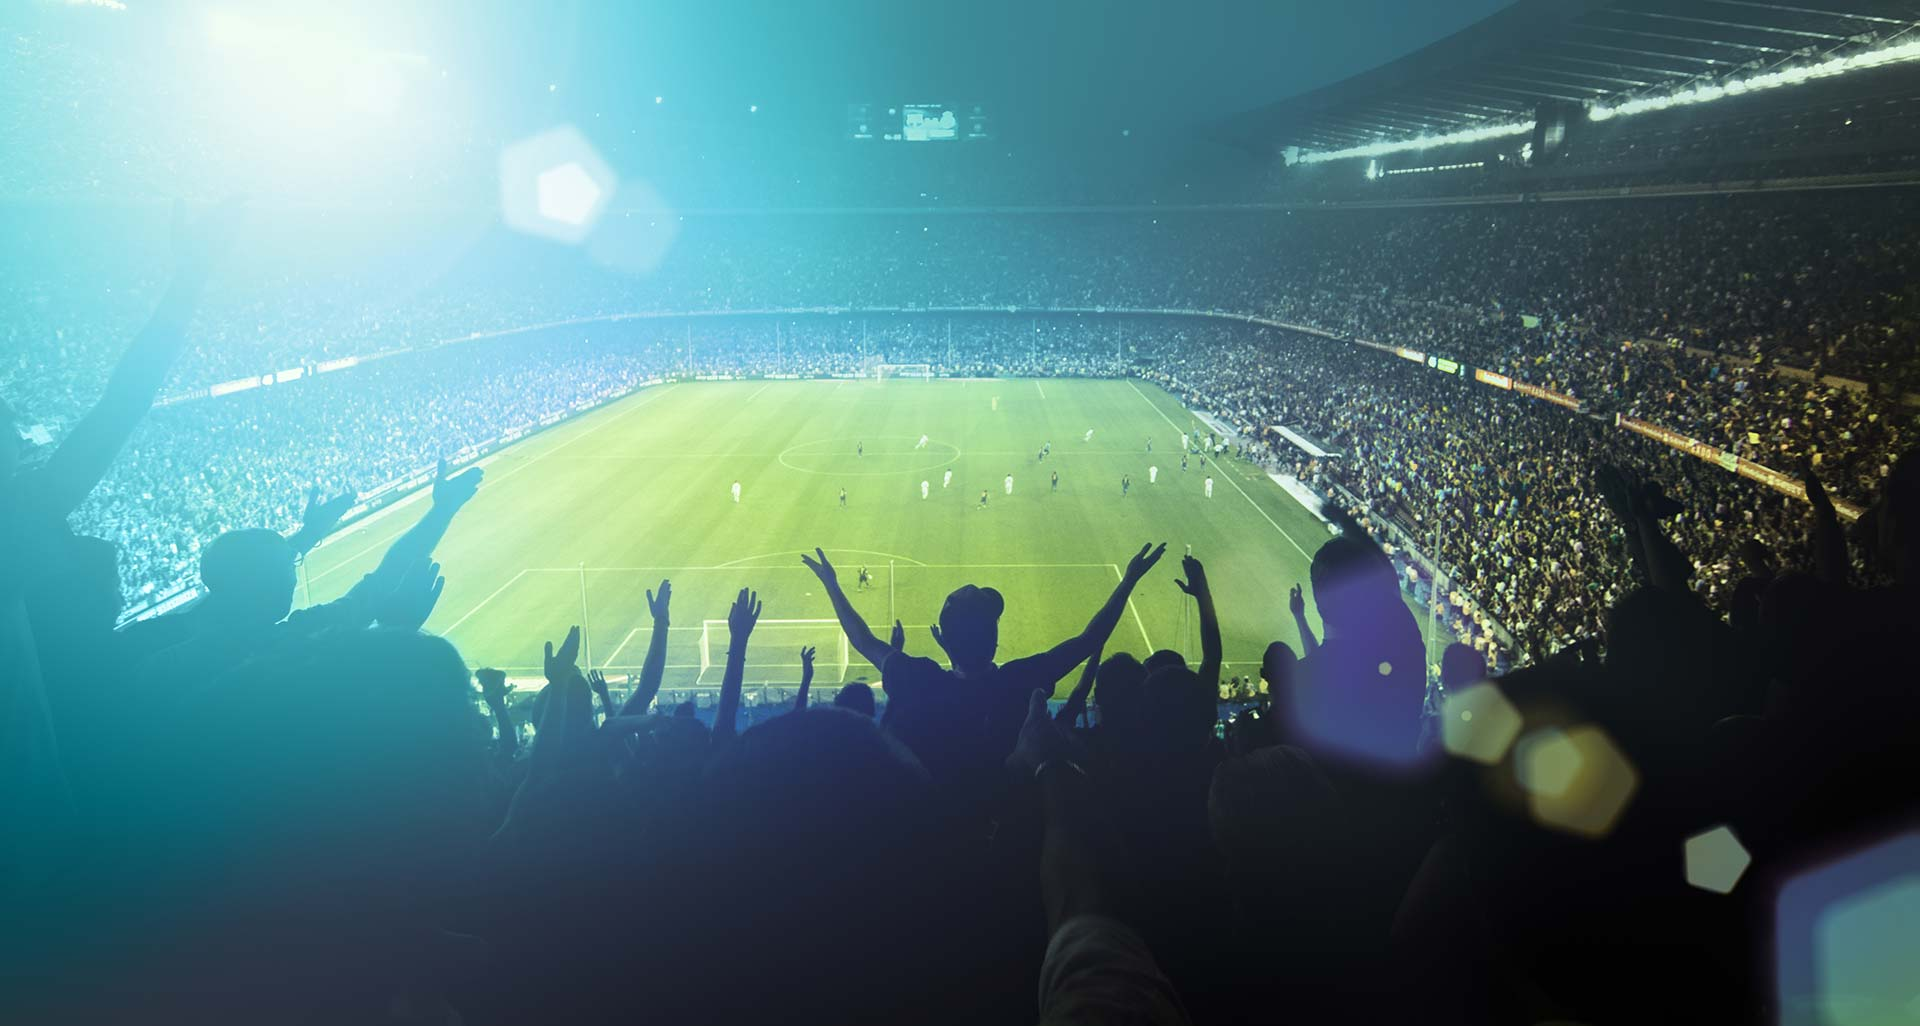 ฟุตบอลโลก กับเศรษฐกิจเวียนวน